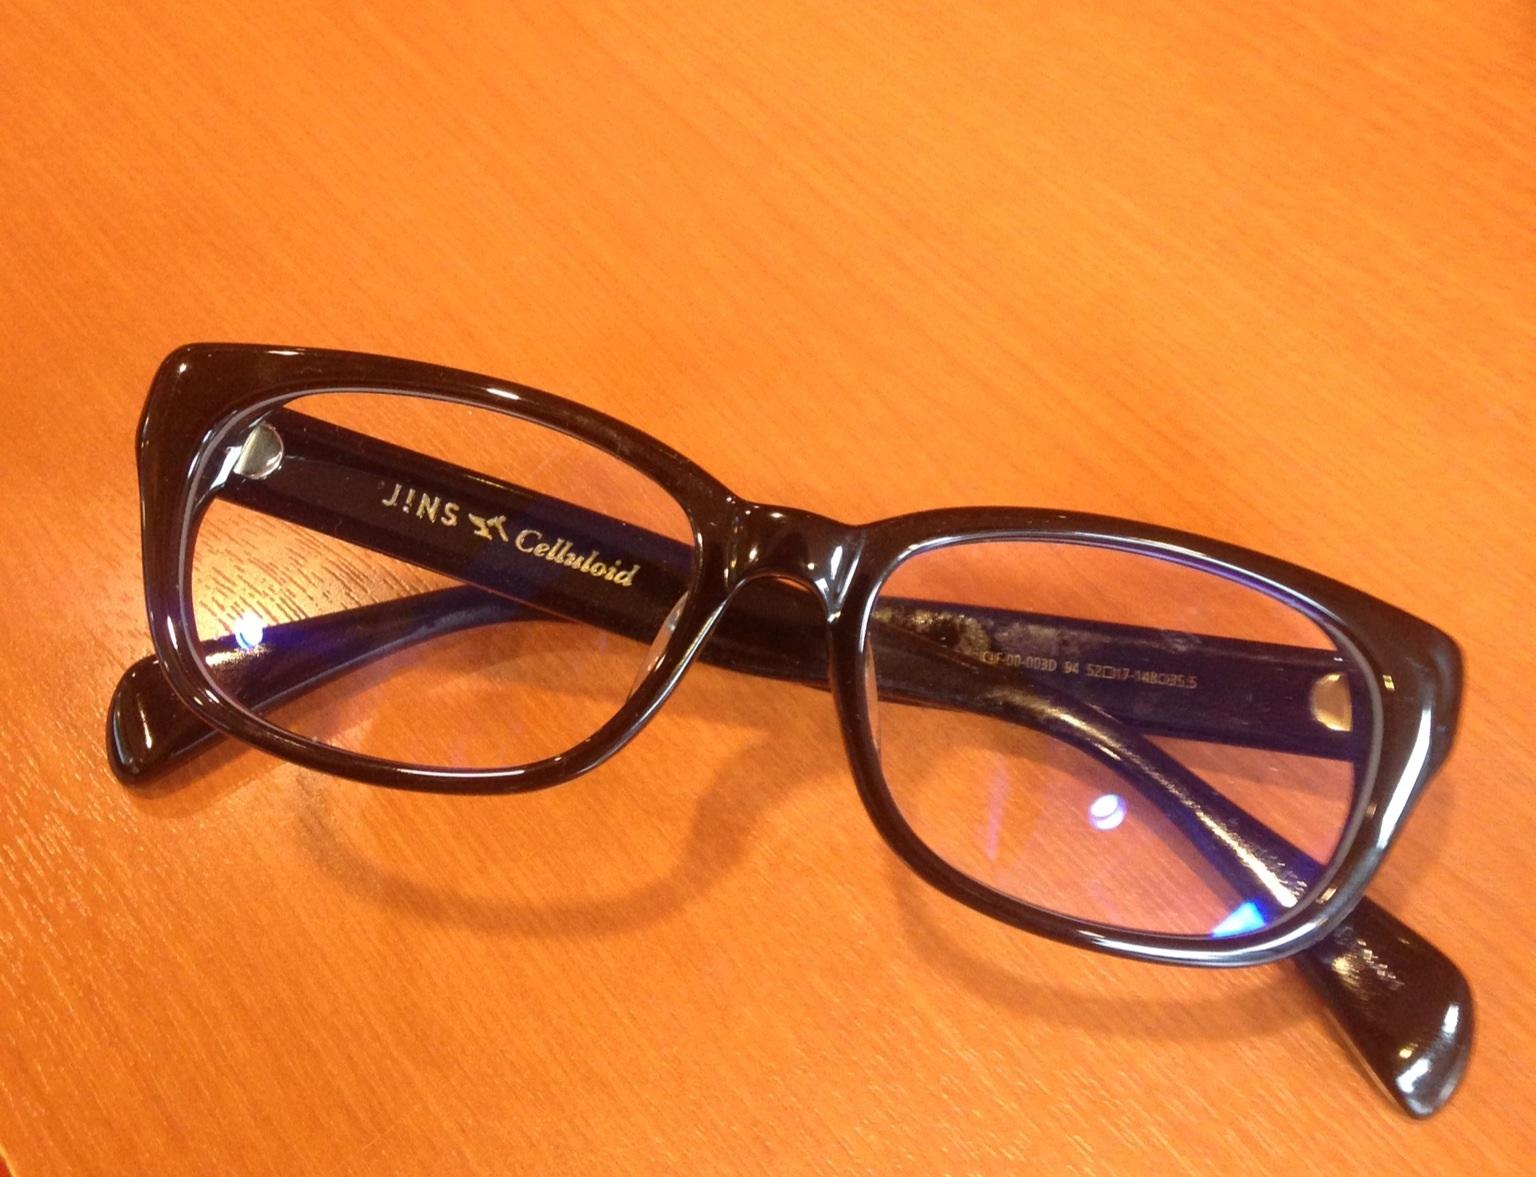 JINSのPCメガネ